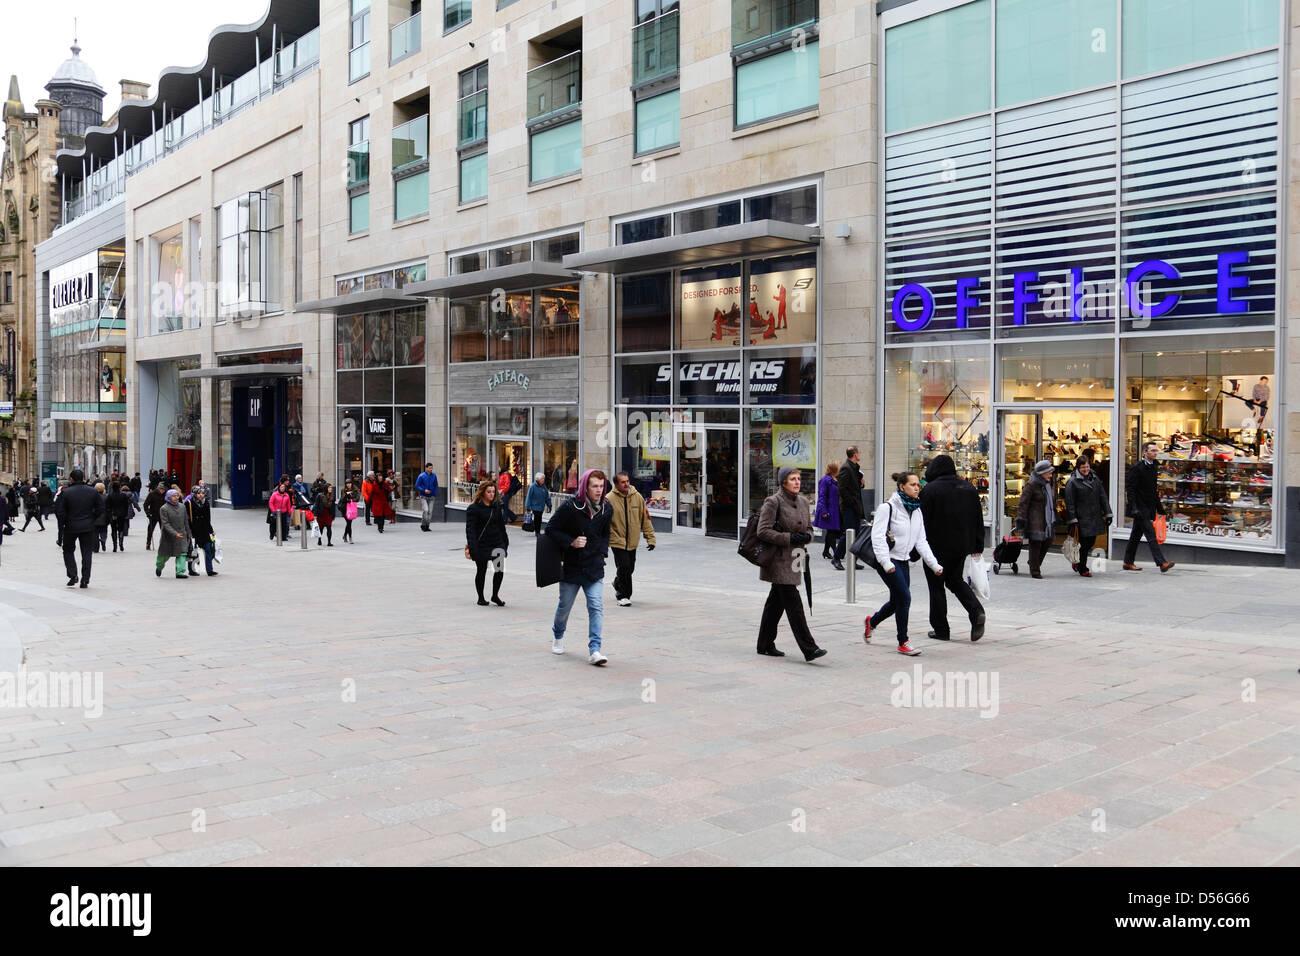 Buchanan Street zona peatonal en el centro de la ciudad de Glasgow, Escocia, Reino Unido Imagen De Stock